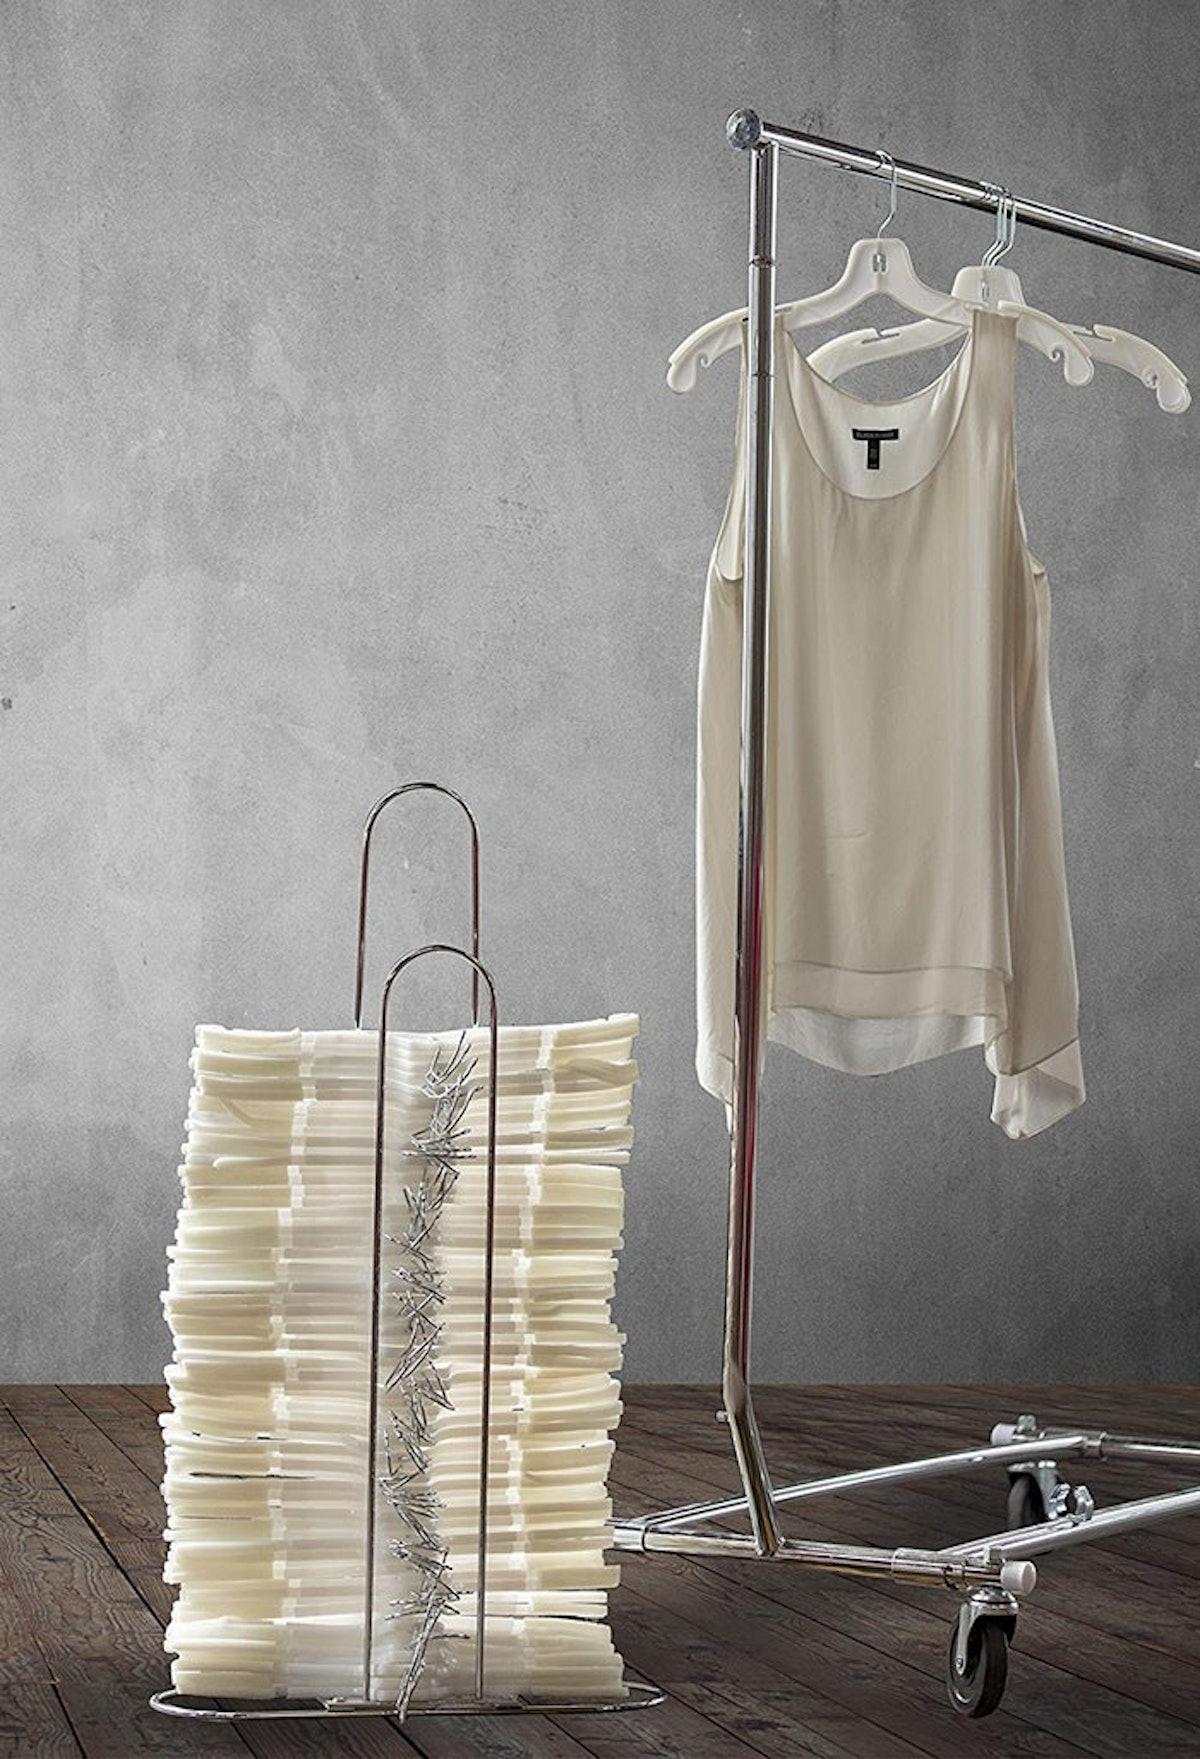 Hanger Stacker